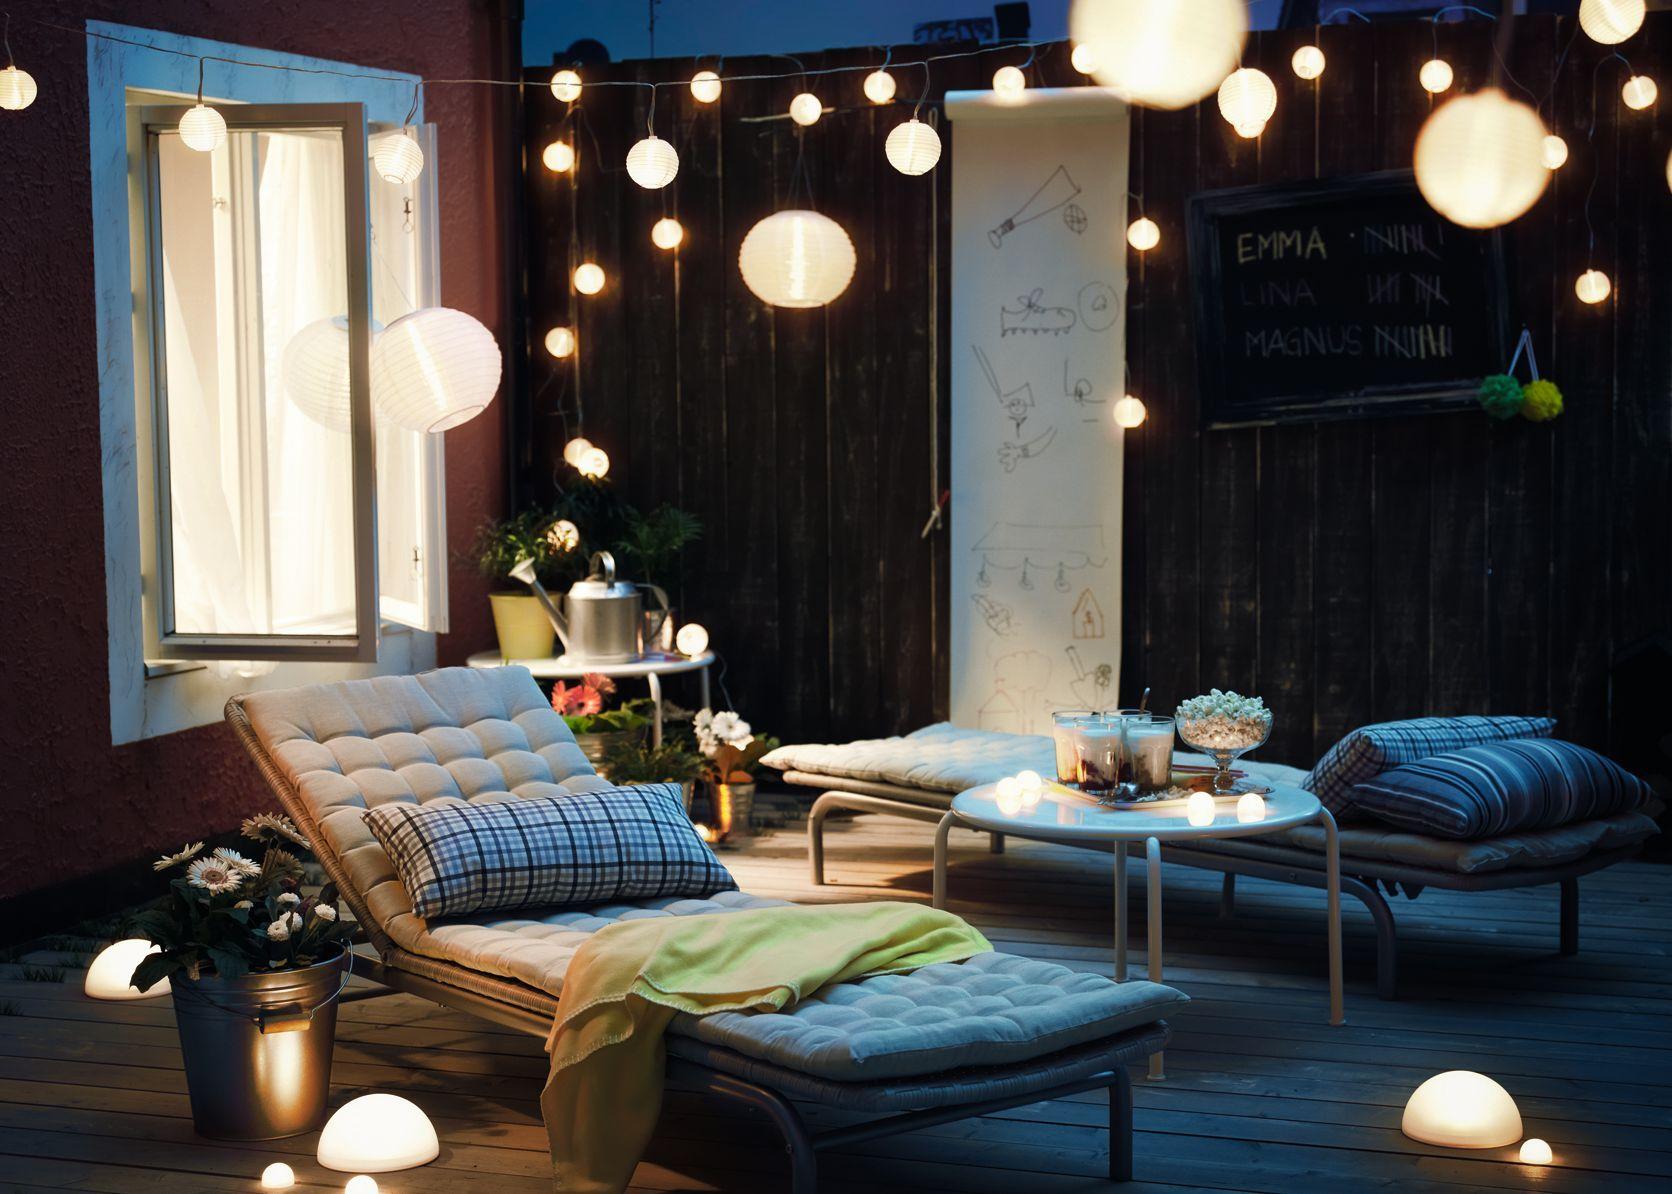 Comment éclairer ma terrasse ? (image_4)